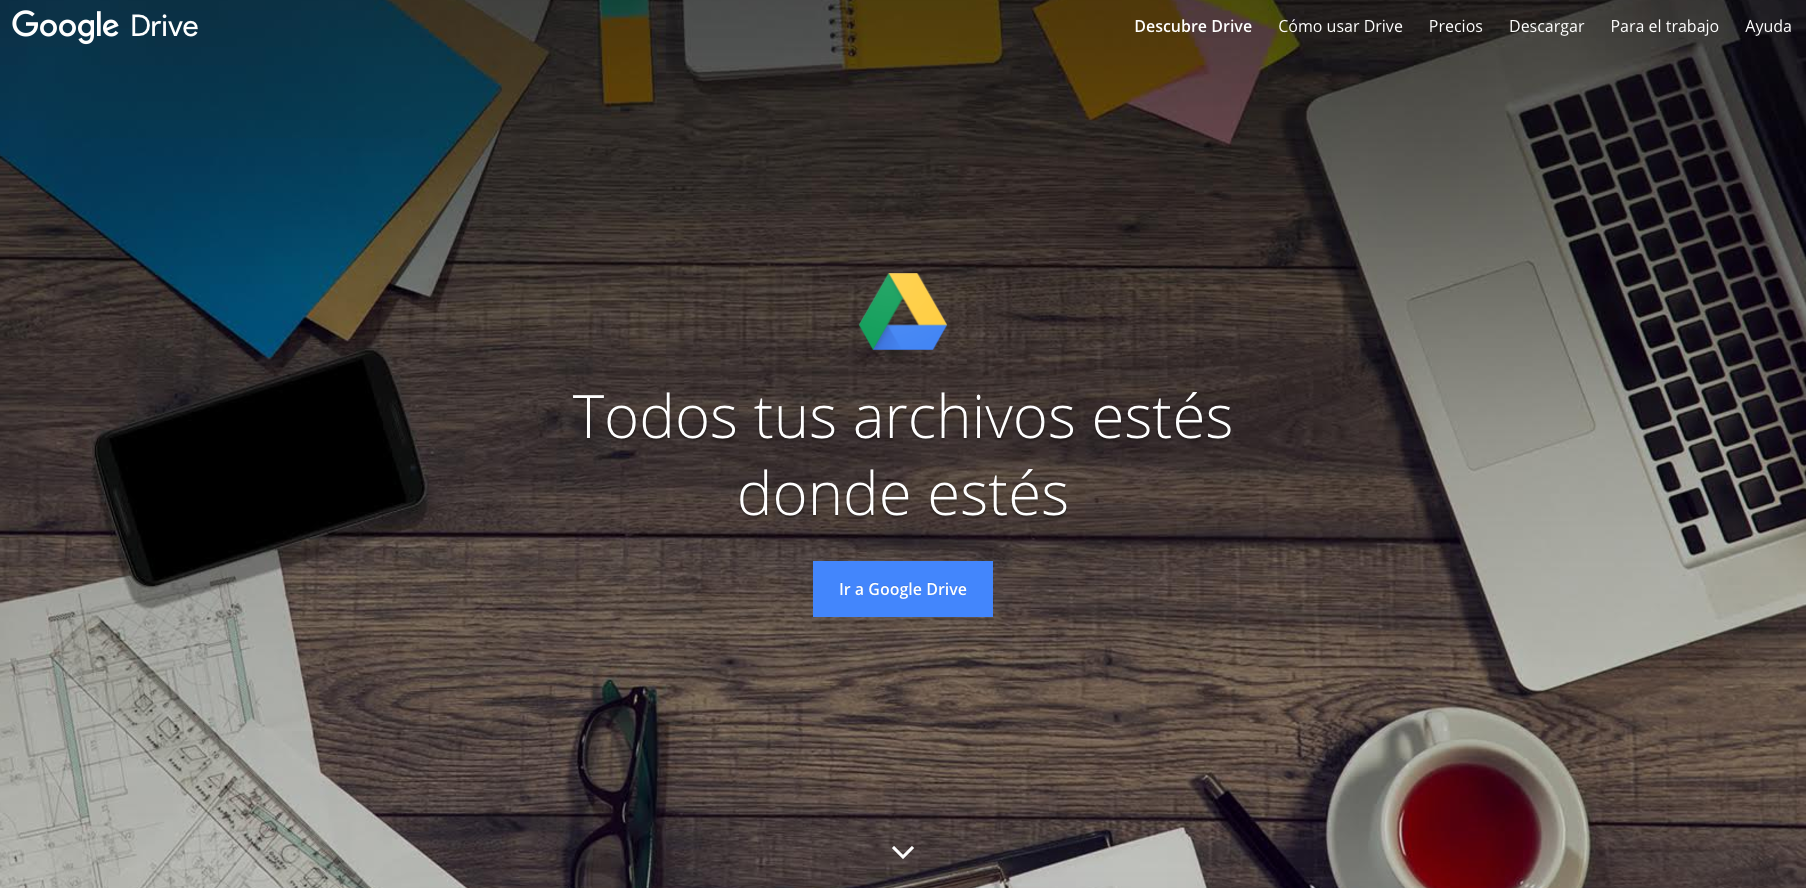 https://paginaspuebla.com/google-drive/